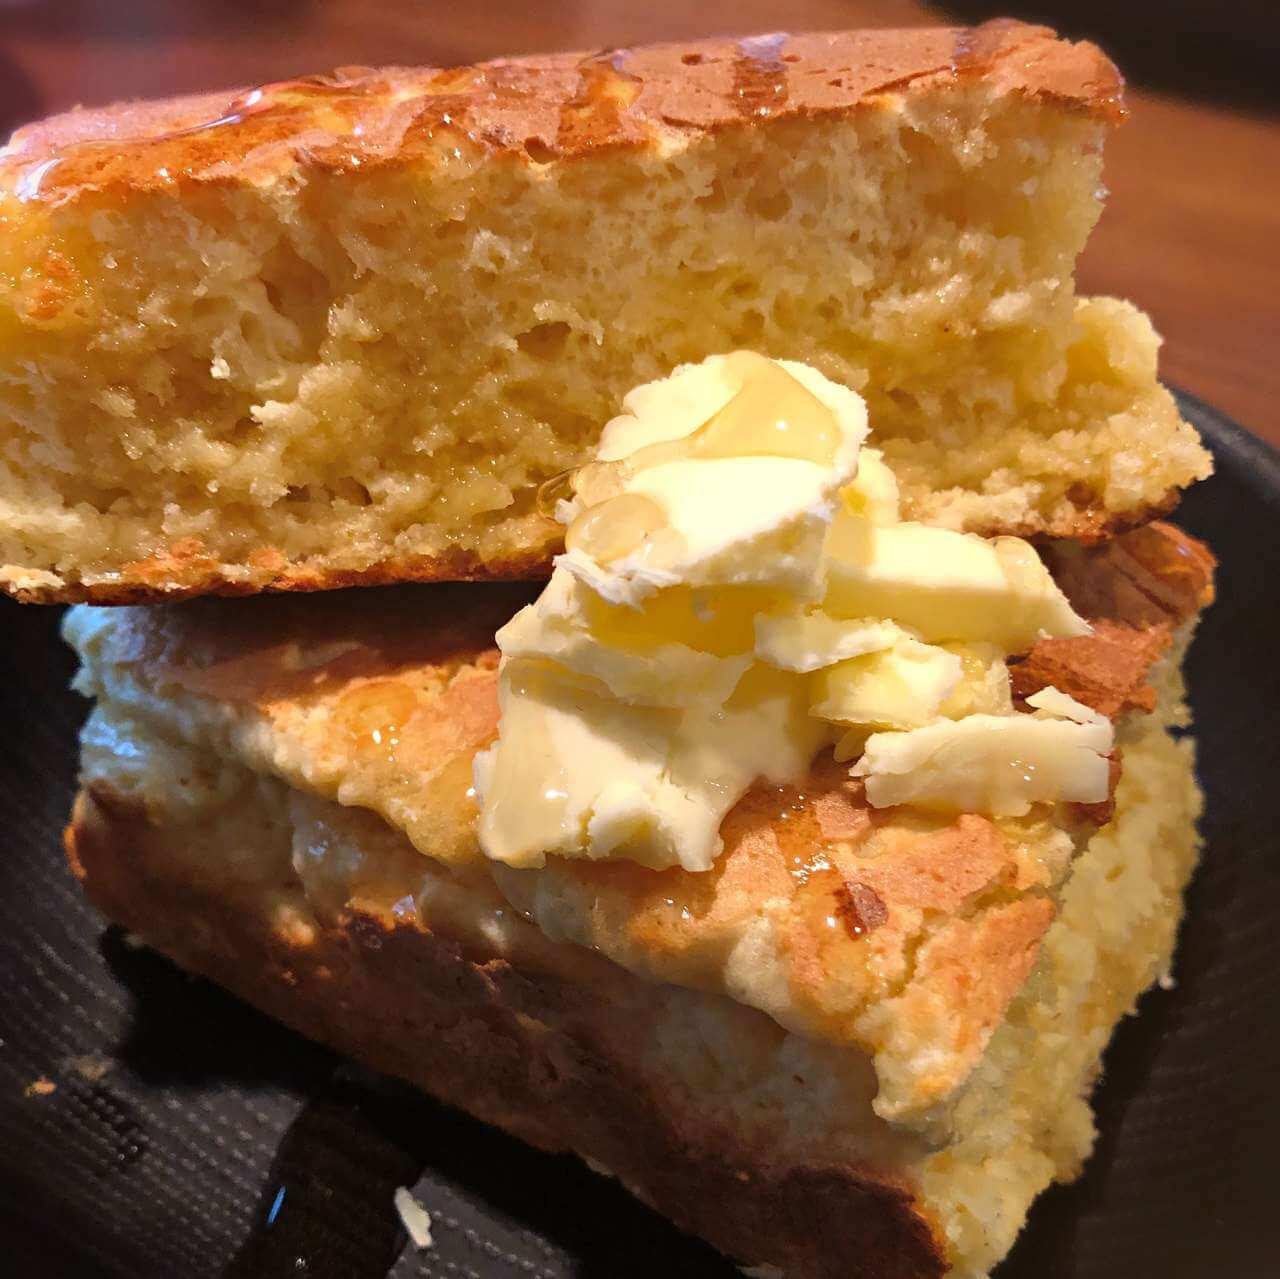 検査結果とパンケーキ。のブログ画像